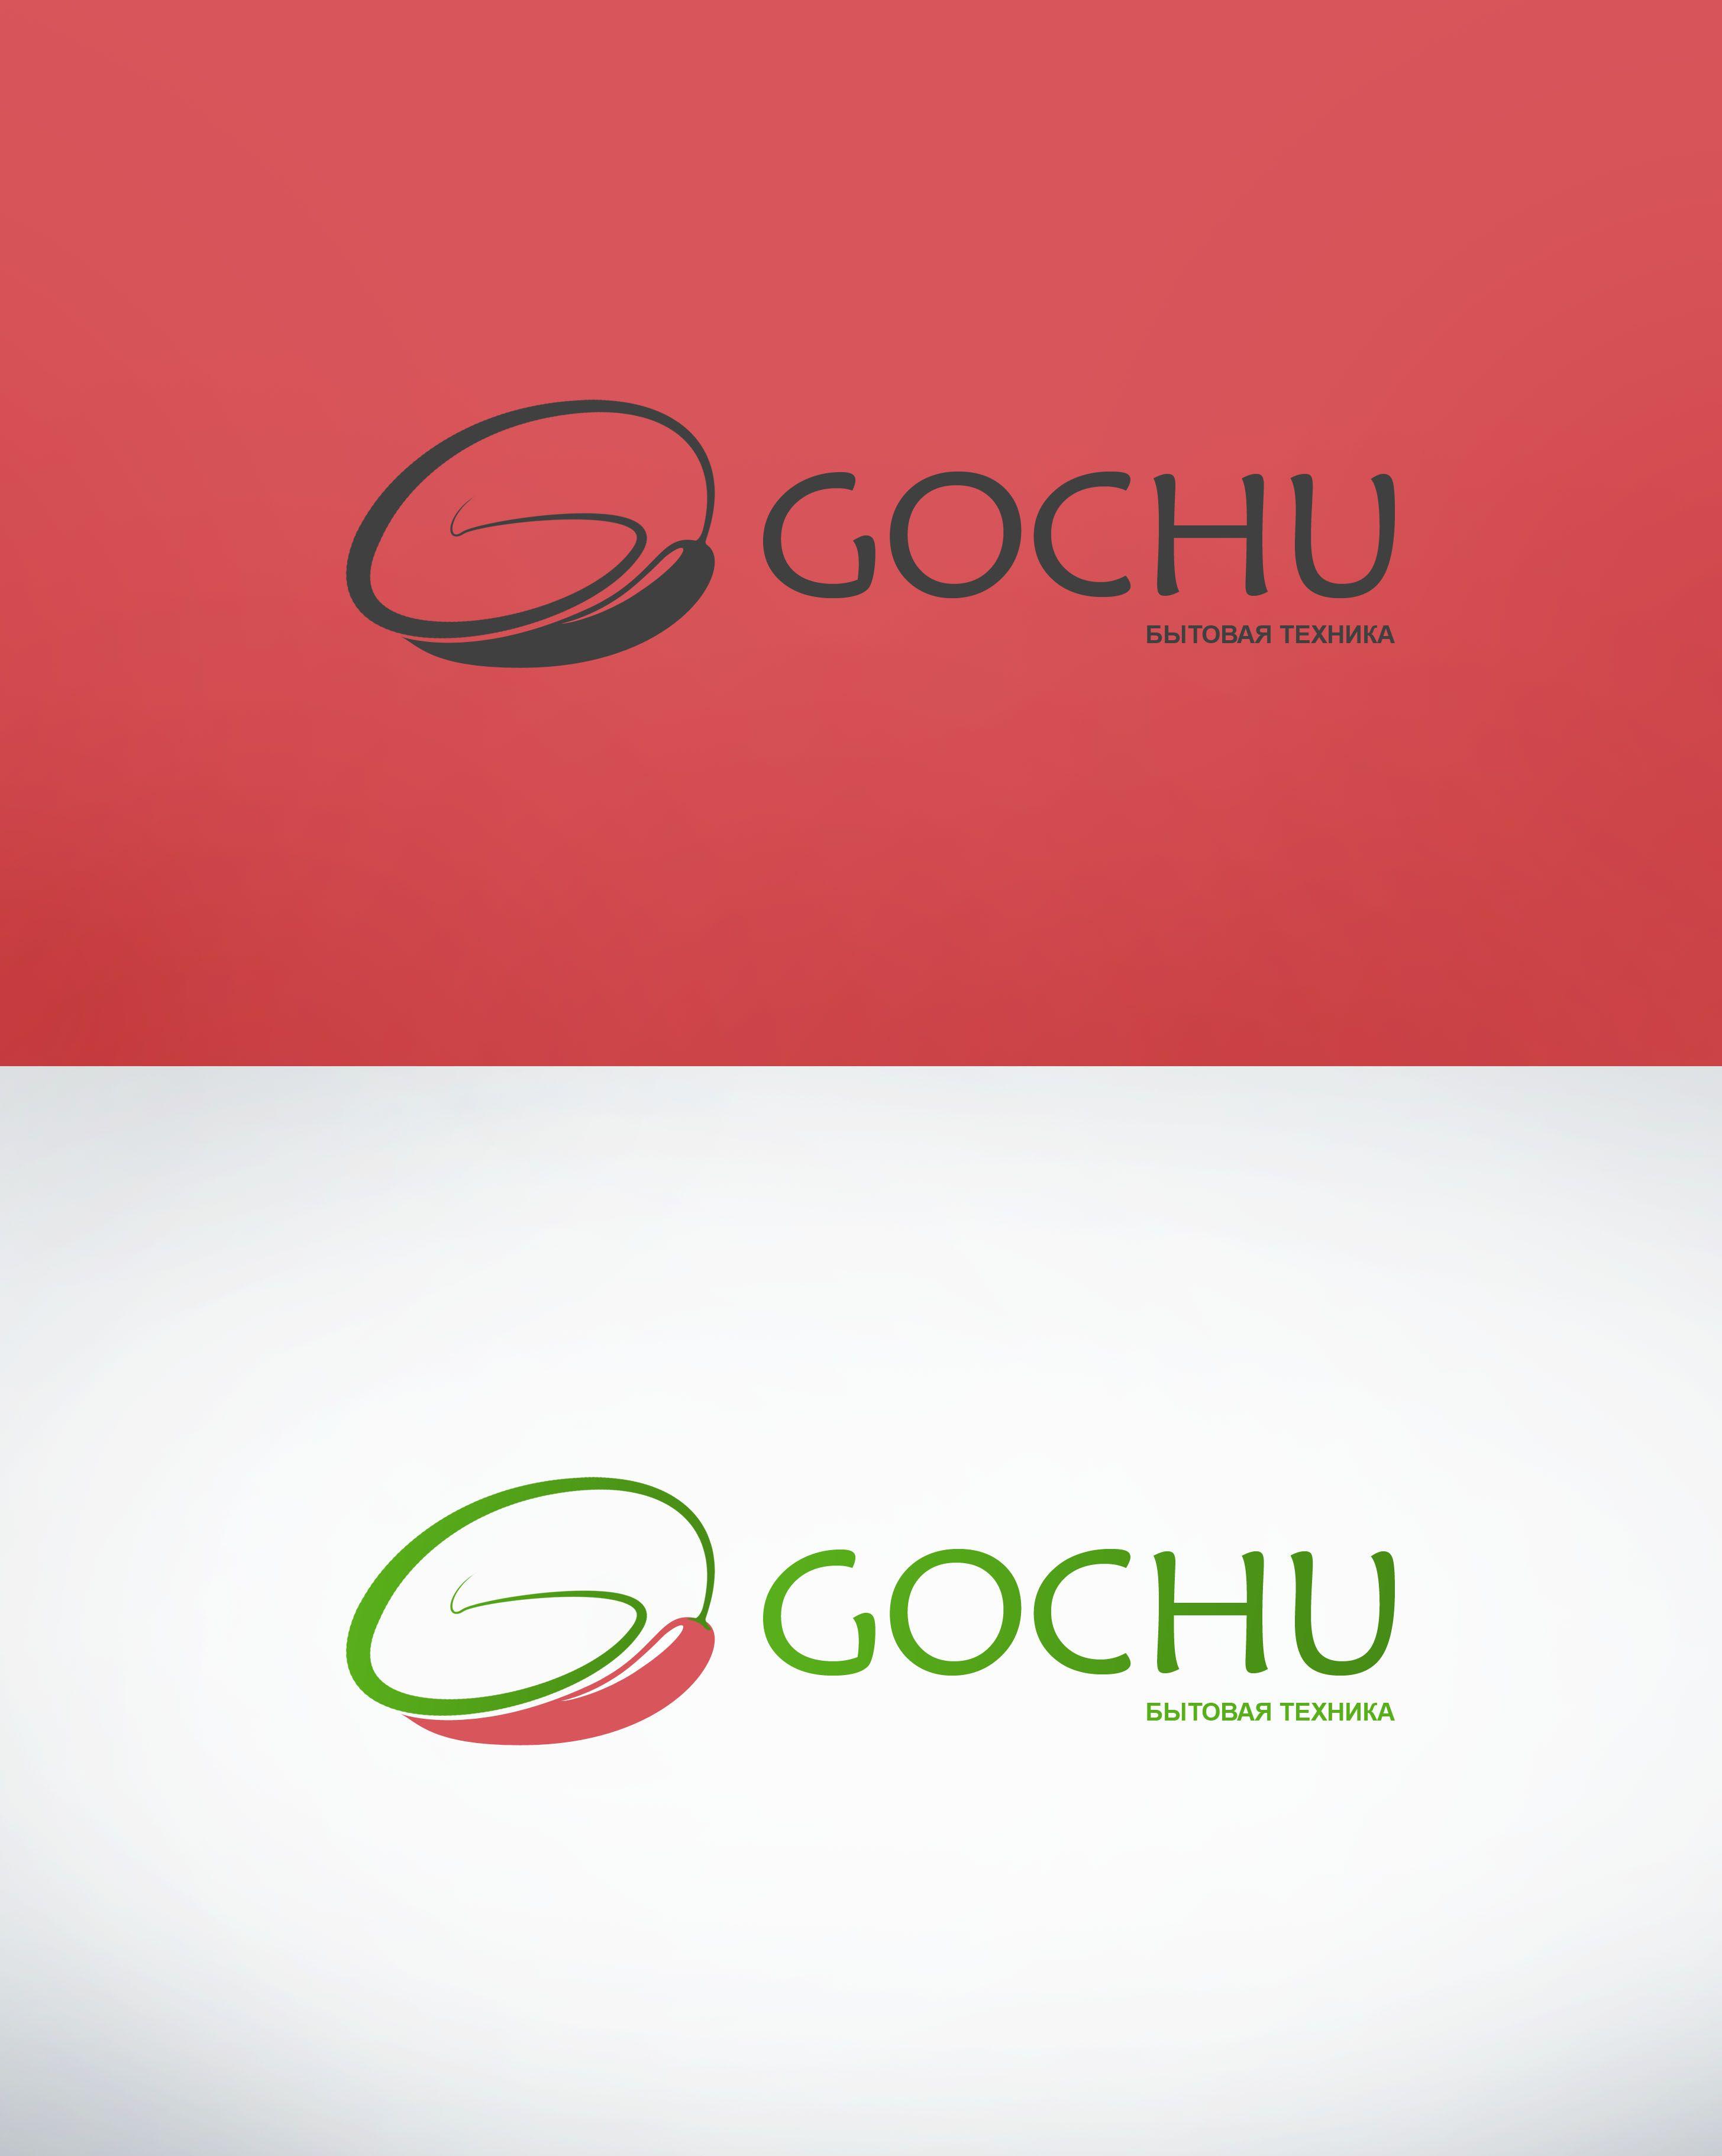 Логотип для торговой марки - дизайнер weste32